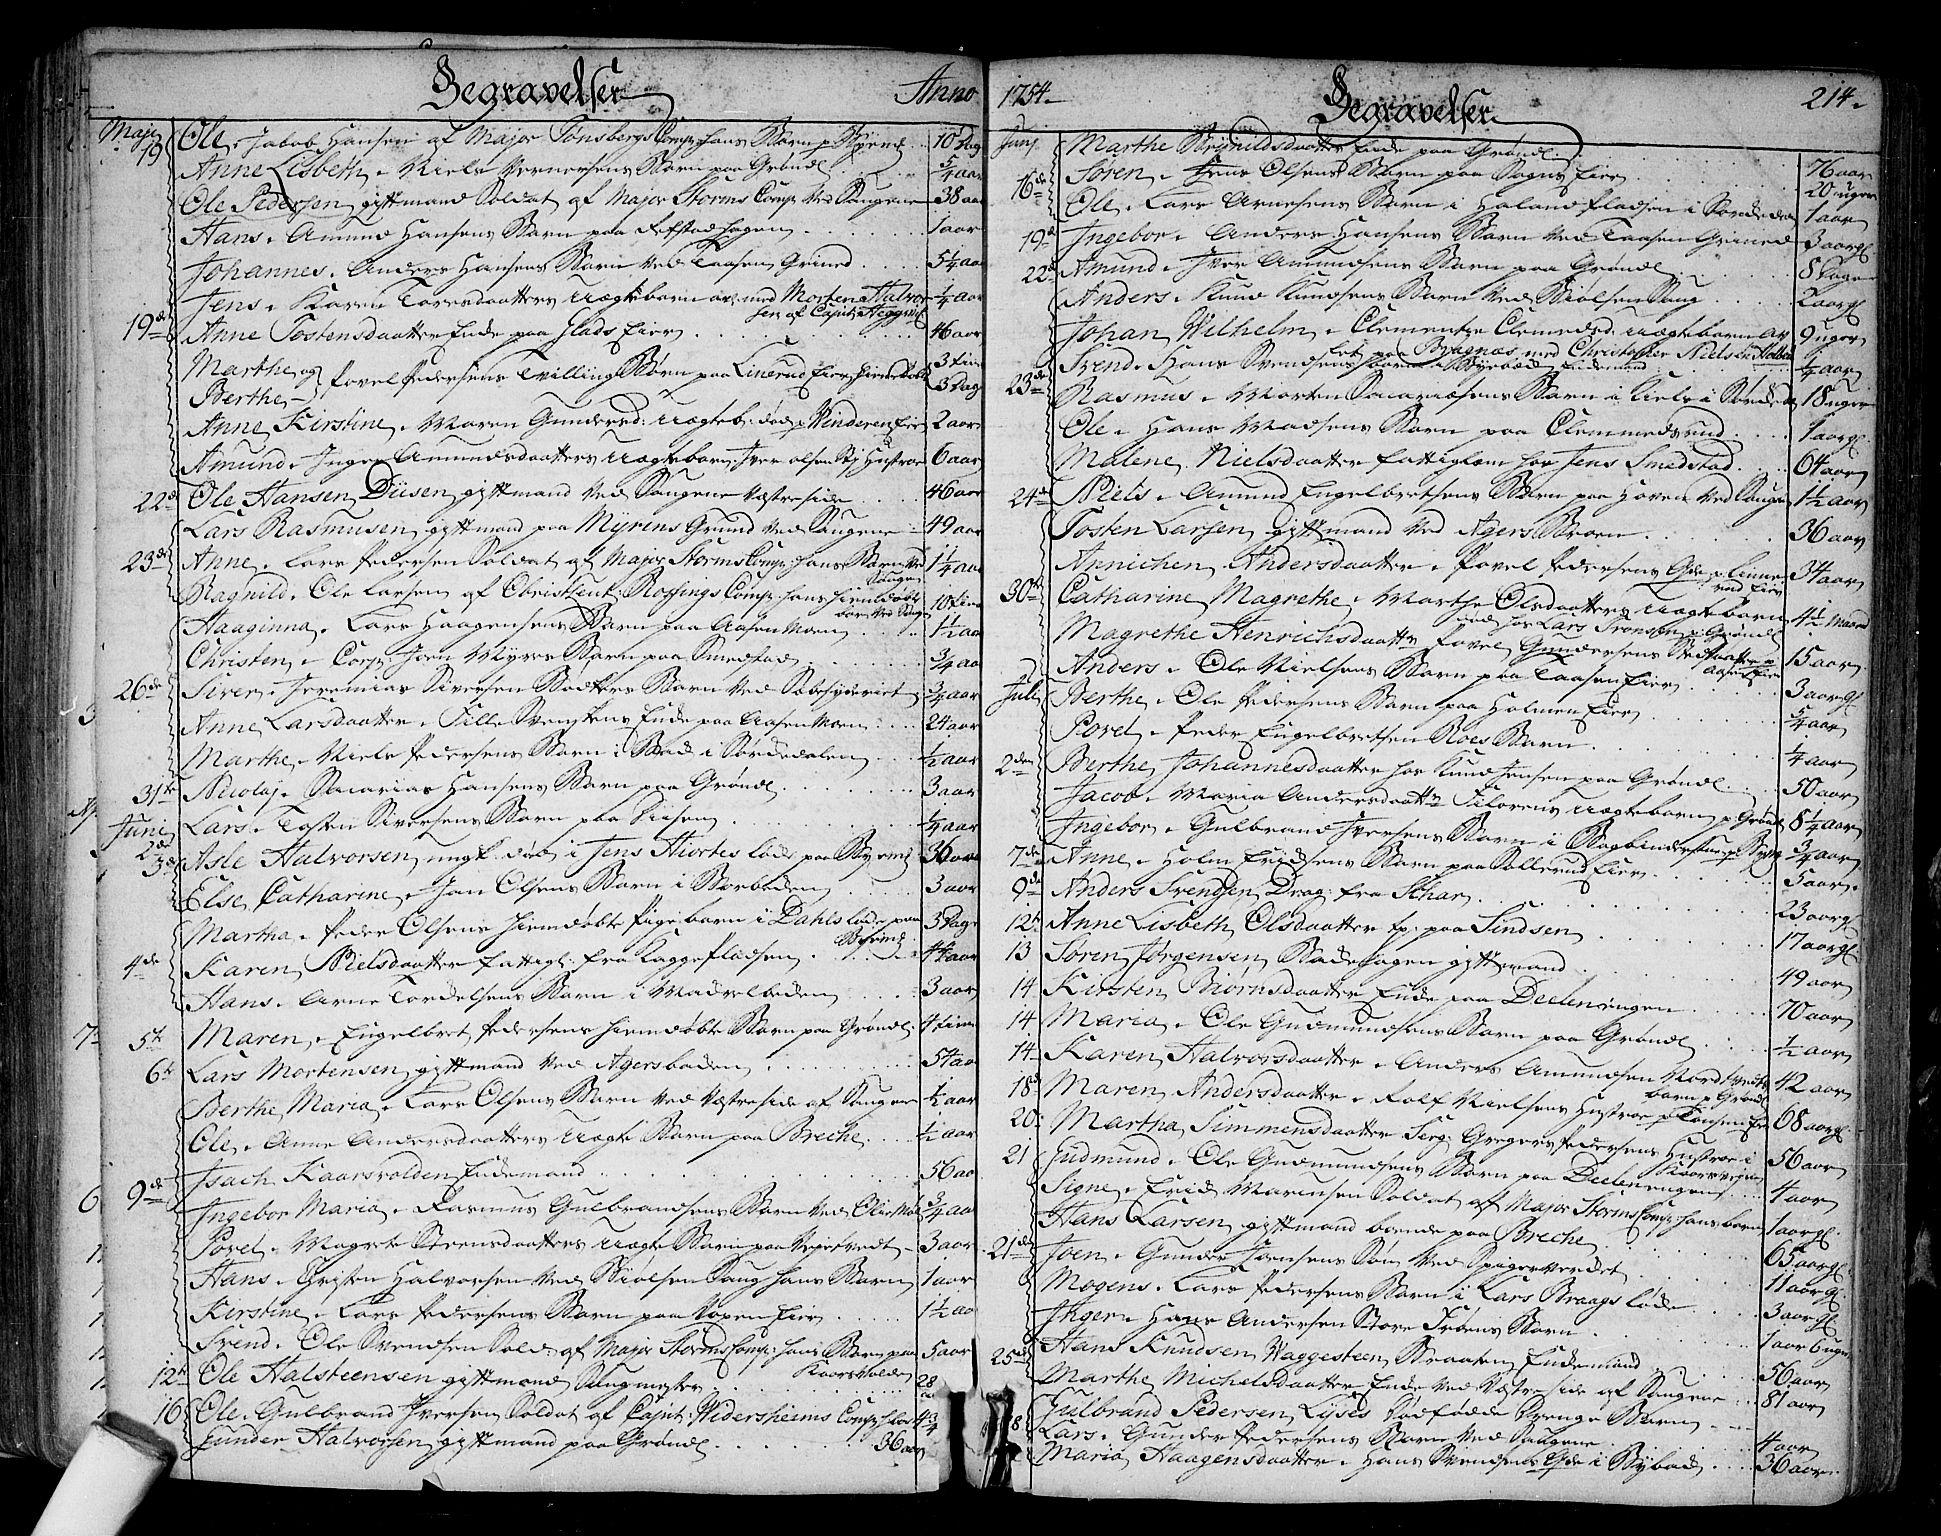 SAO, Aker prestekontor kirkebøker, F/L0008: Ministerialbok nr. 8, 1749-1765, s. 214